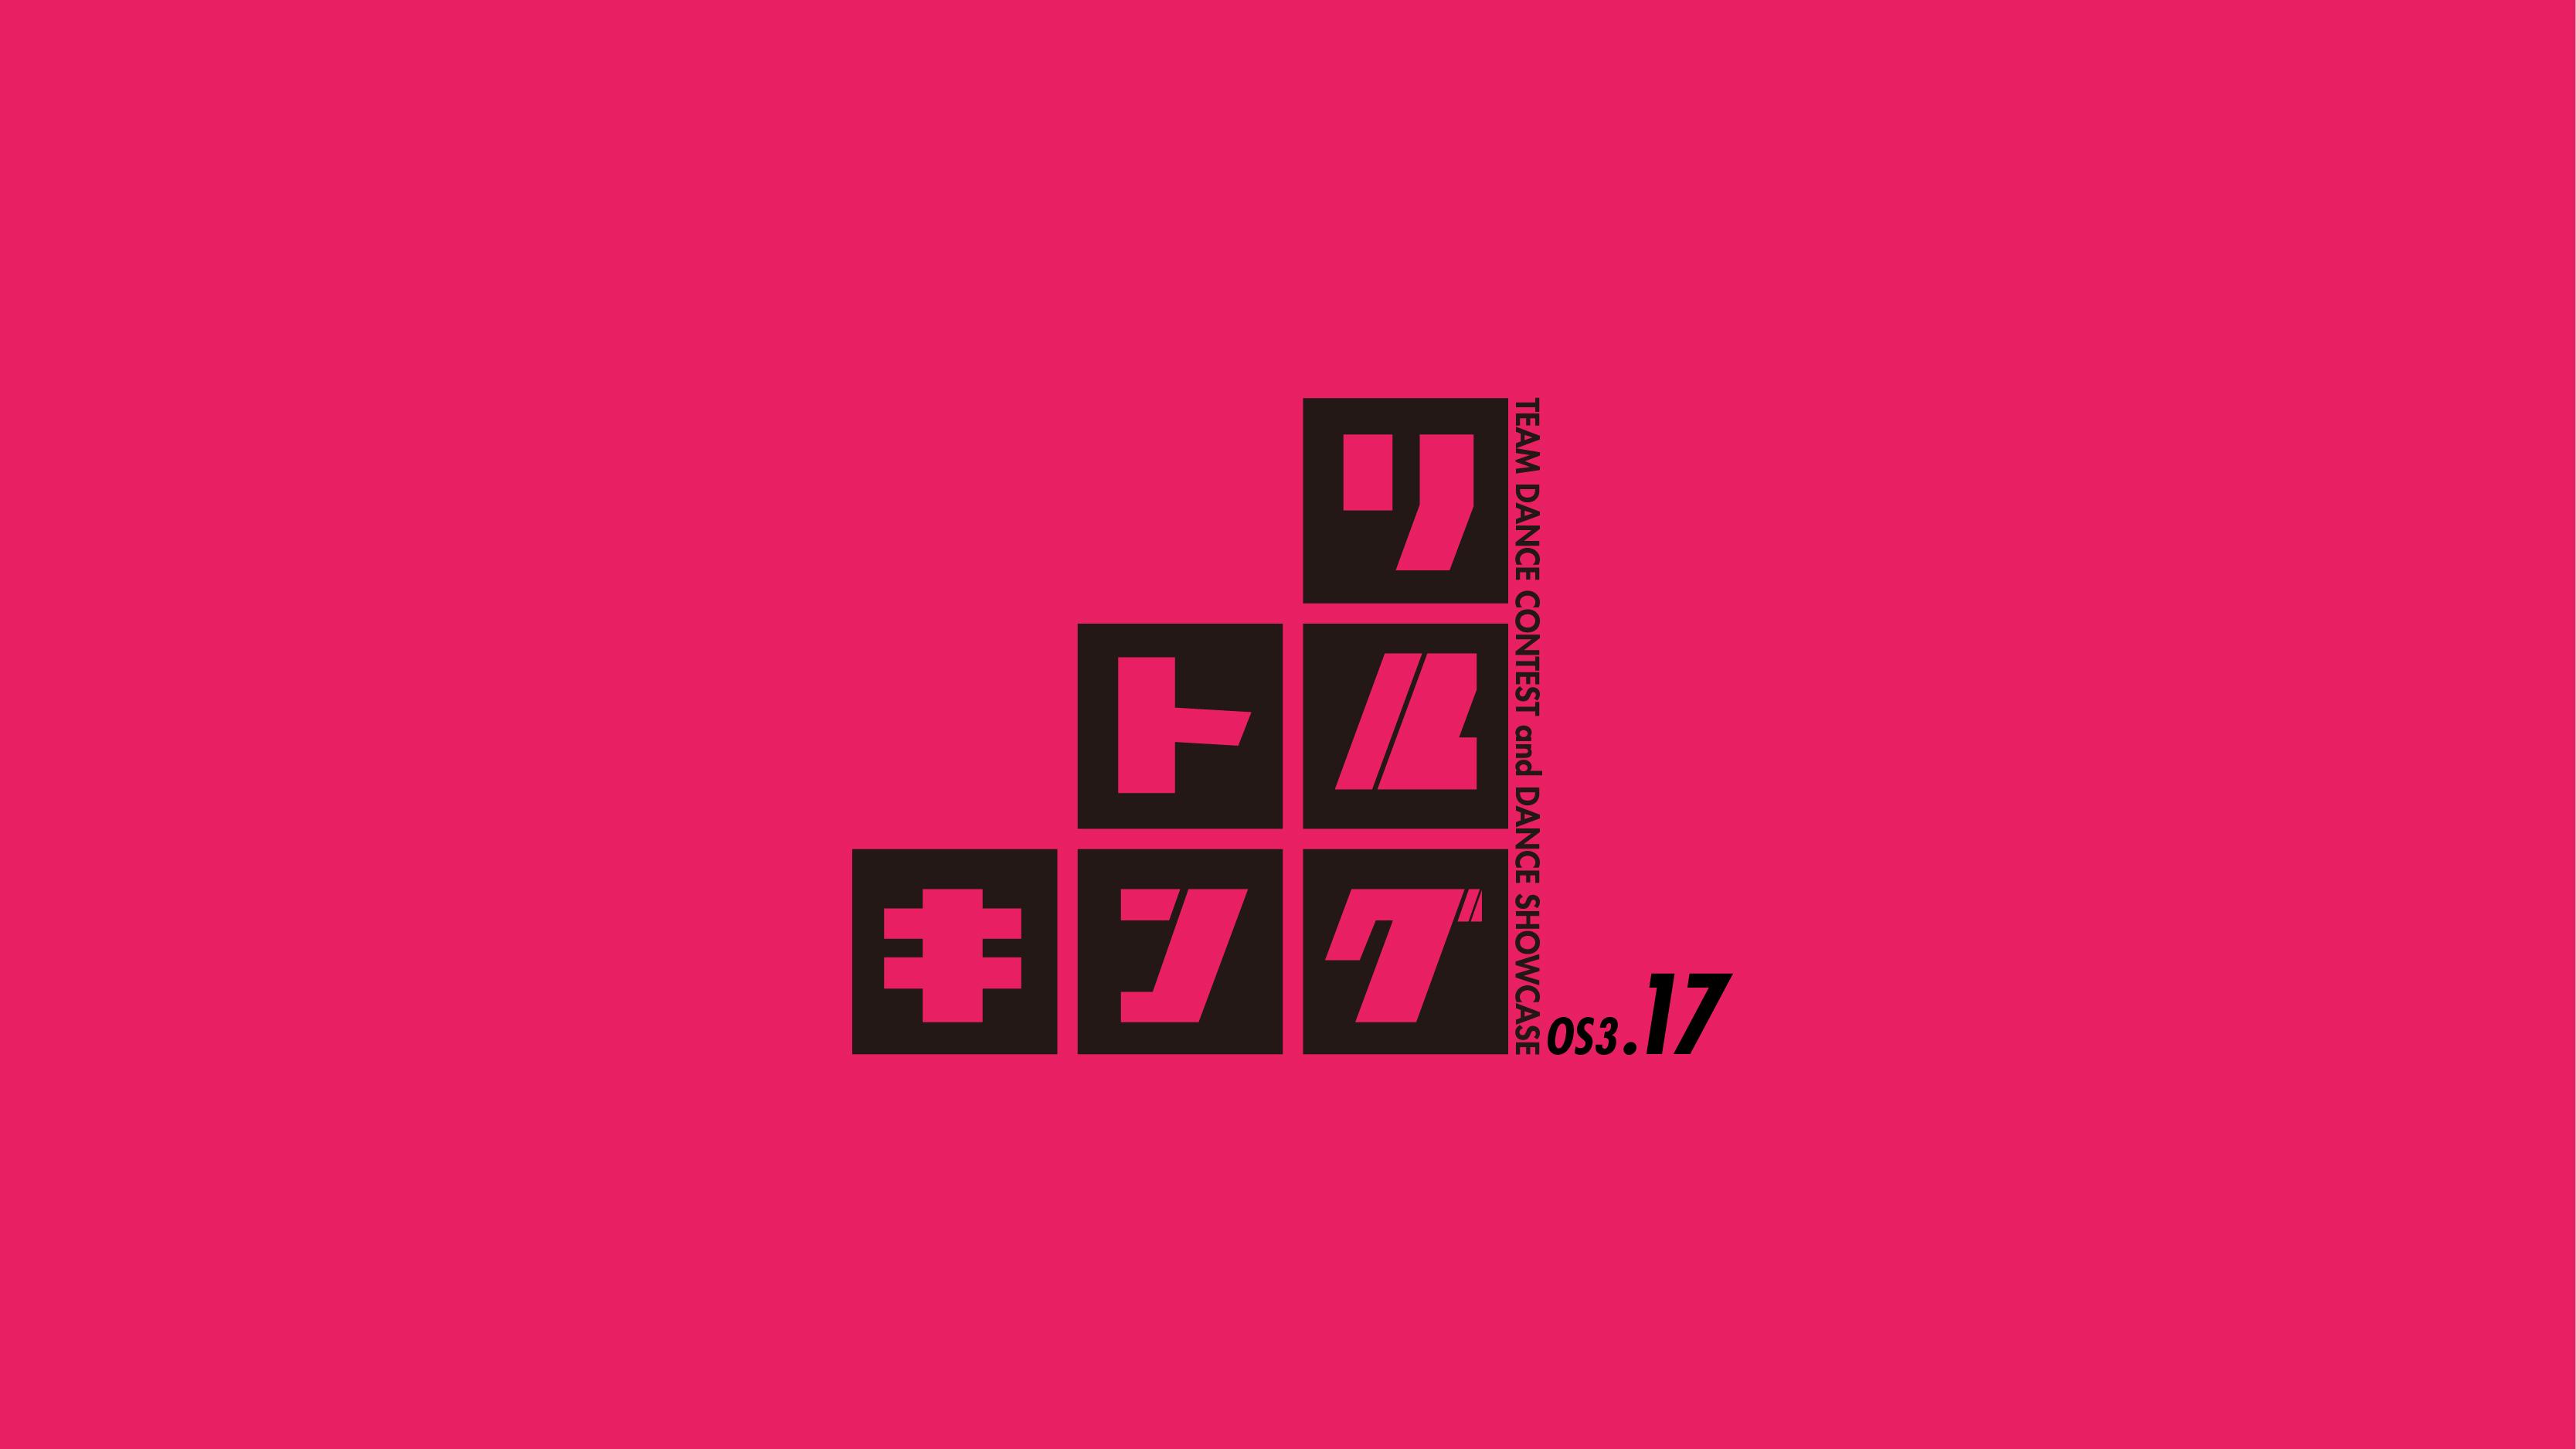 【2017/07/22(sat)】リトルキングOS3.17